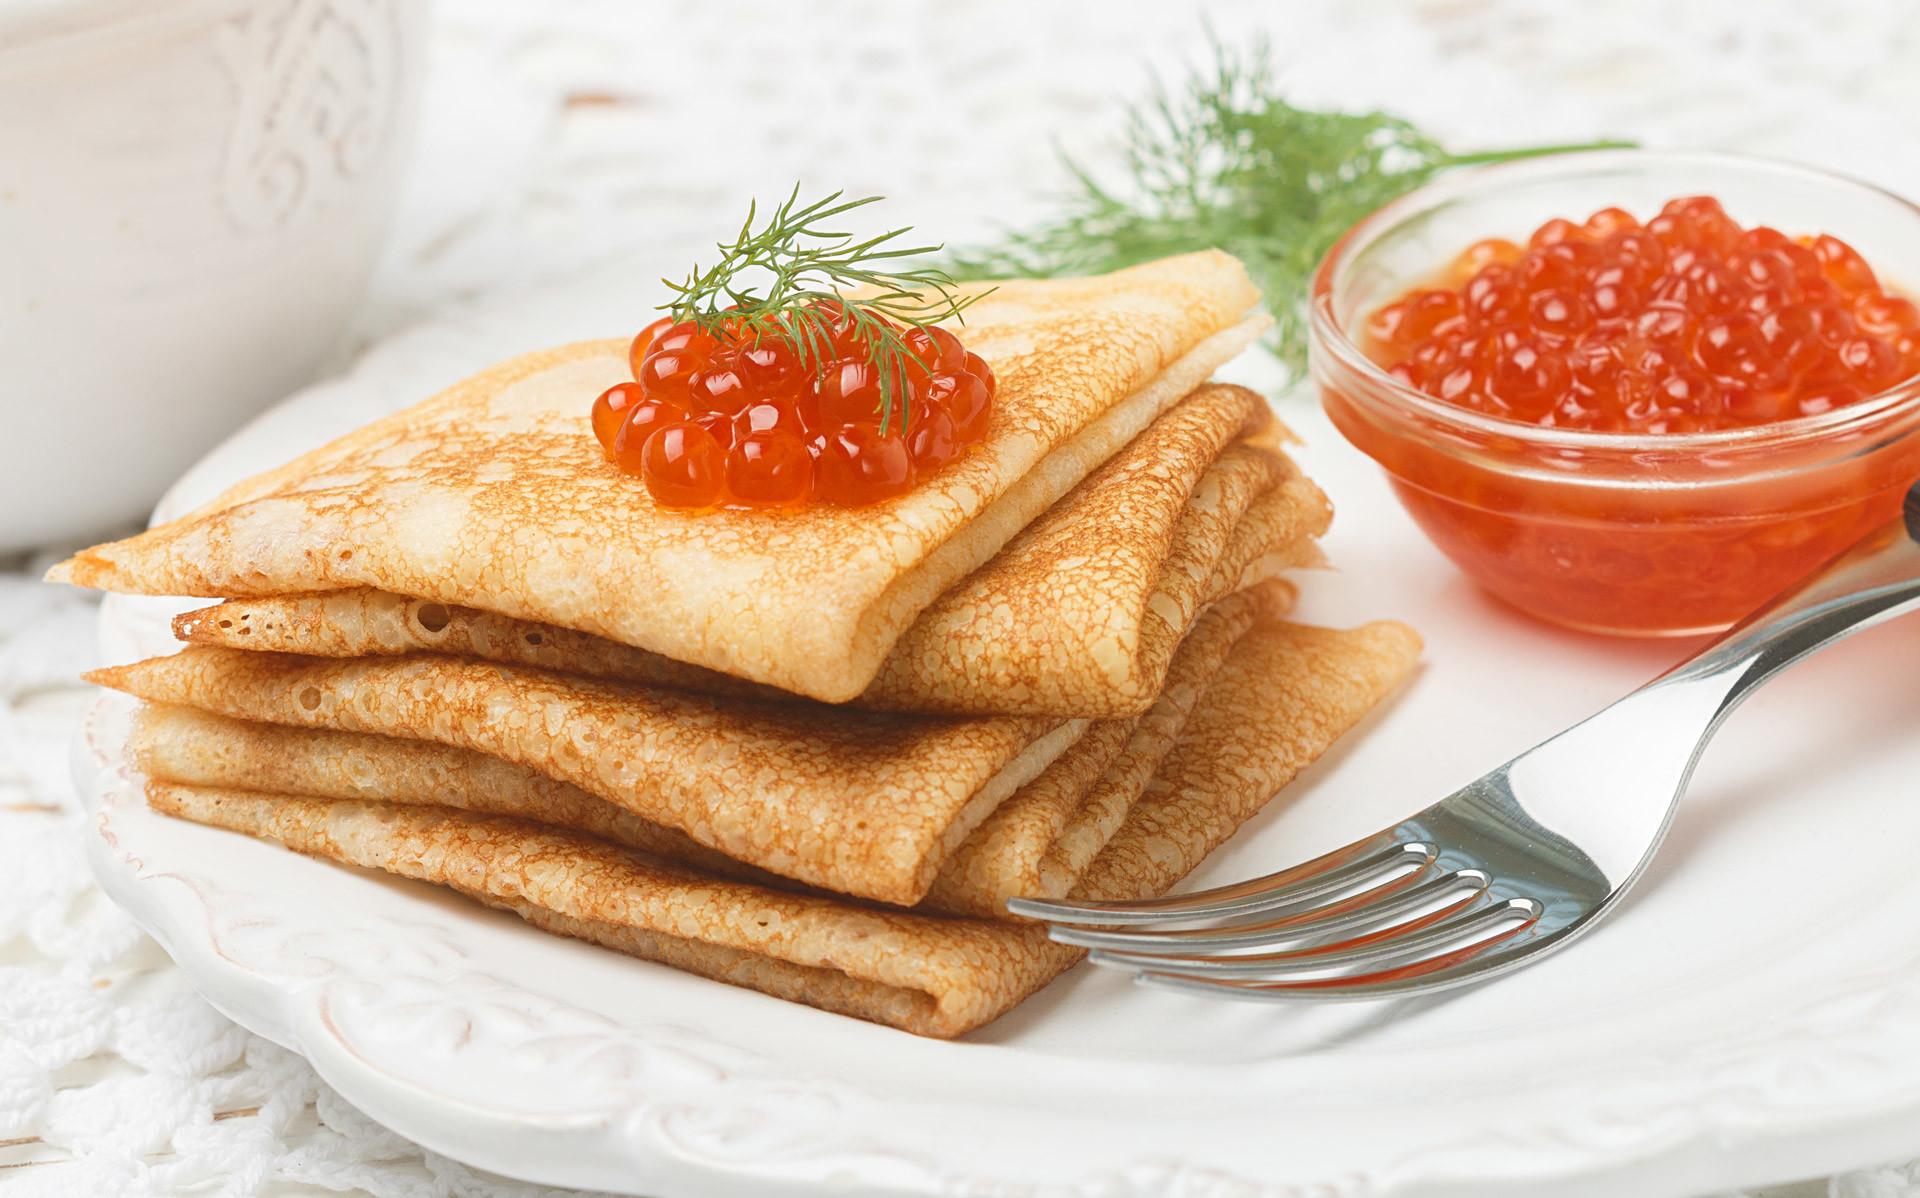 ロシアのパンケーキ「ブリヌィ」